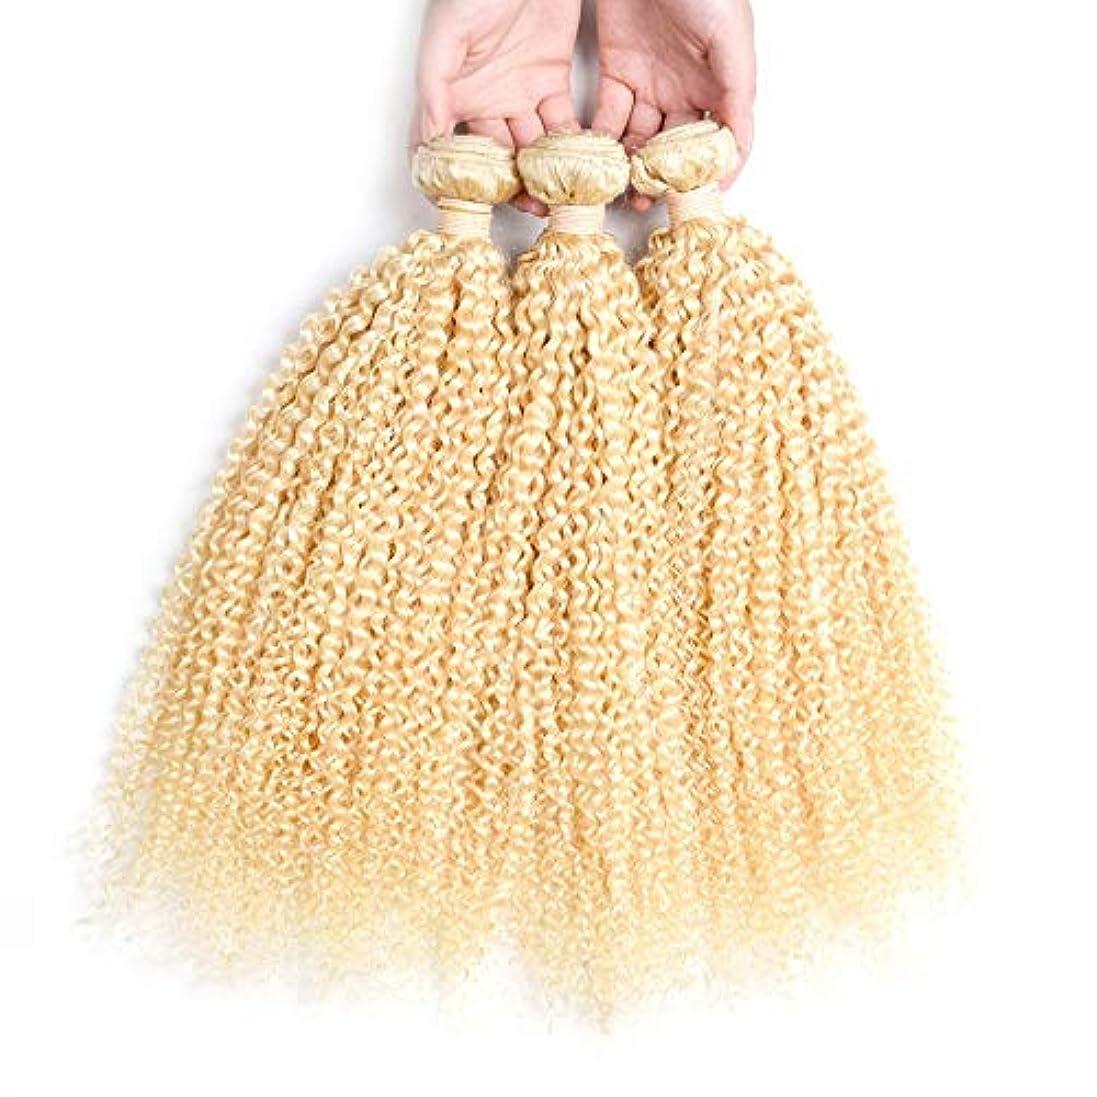 甘くする正確さ主HOHYLLYA ブロンドの人間の髪織りバンドル本物の変態カーリーヘアエクステンション横糸 - #613ブロンドの髪(1バンドル、10-26インチ、100g)ブロンドのかつら (色 : Blonde, サイズ : 10...